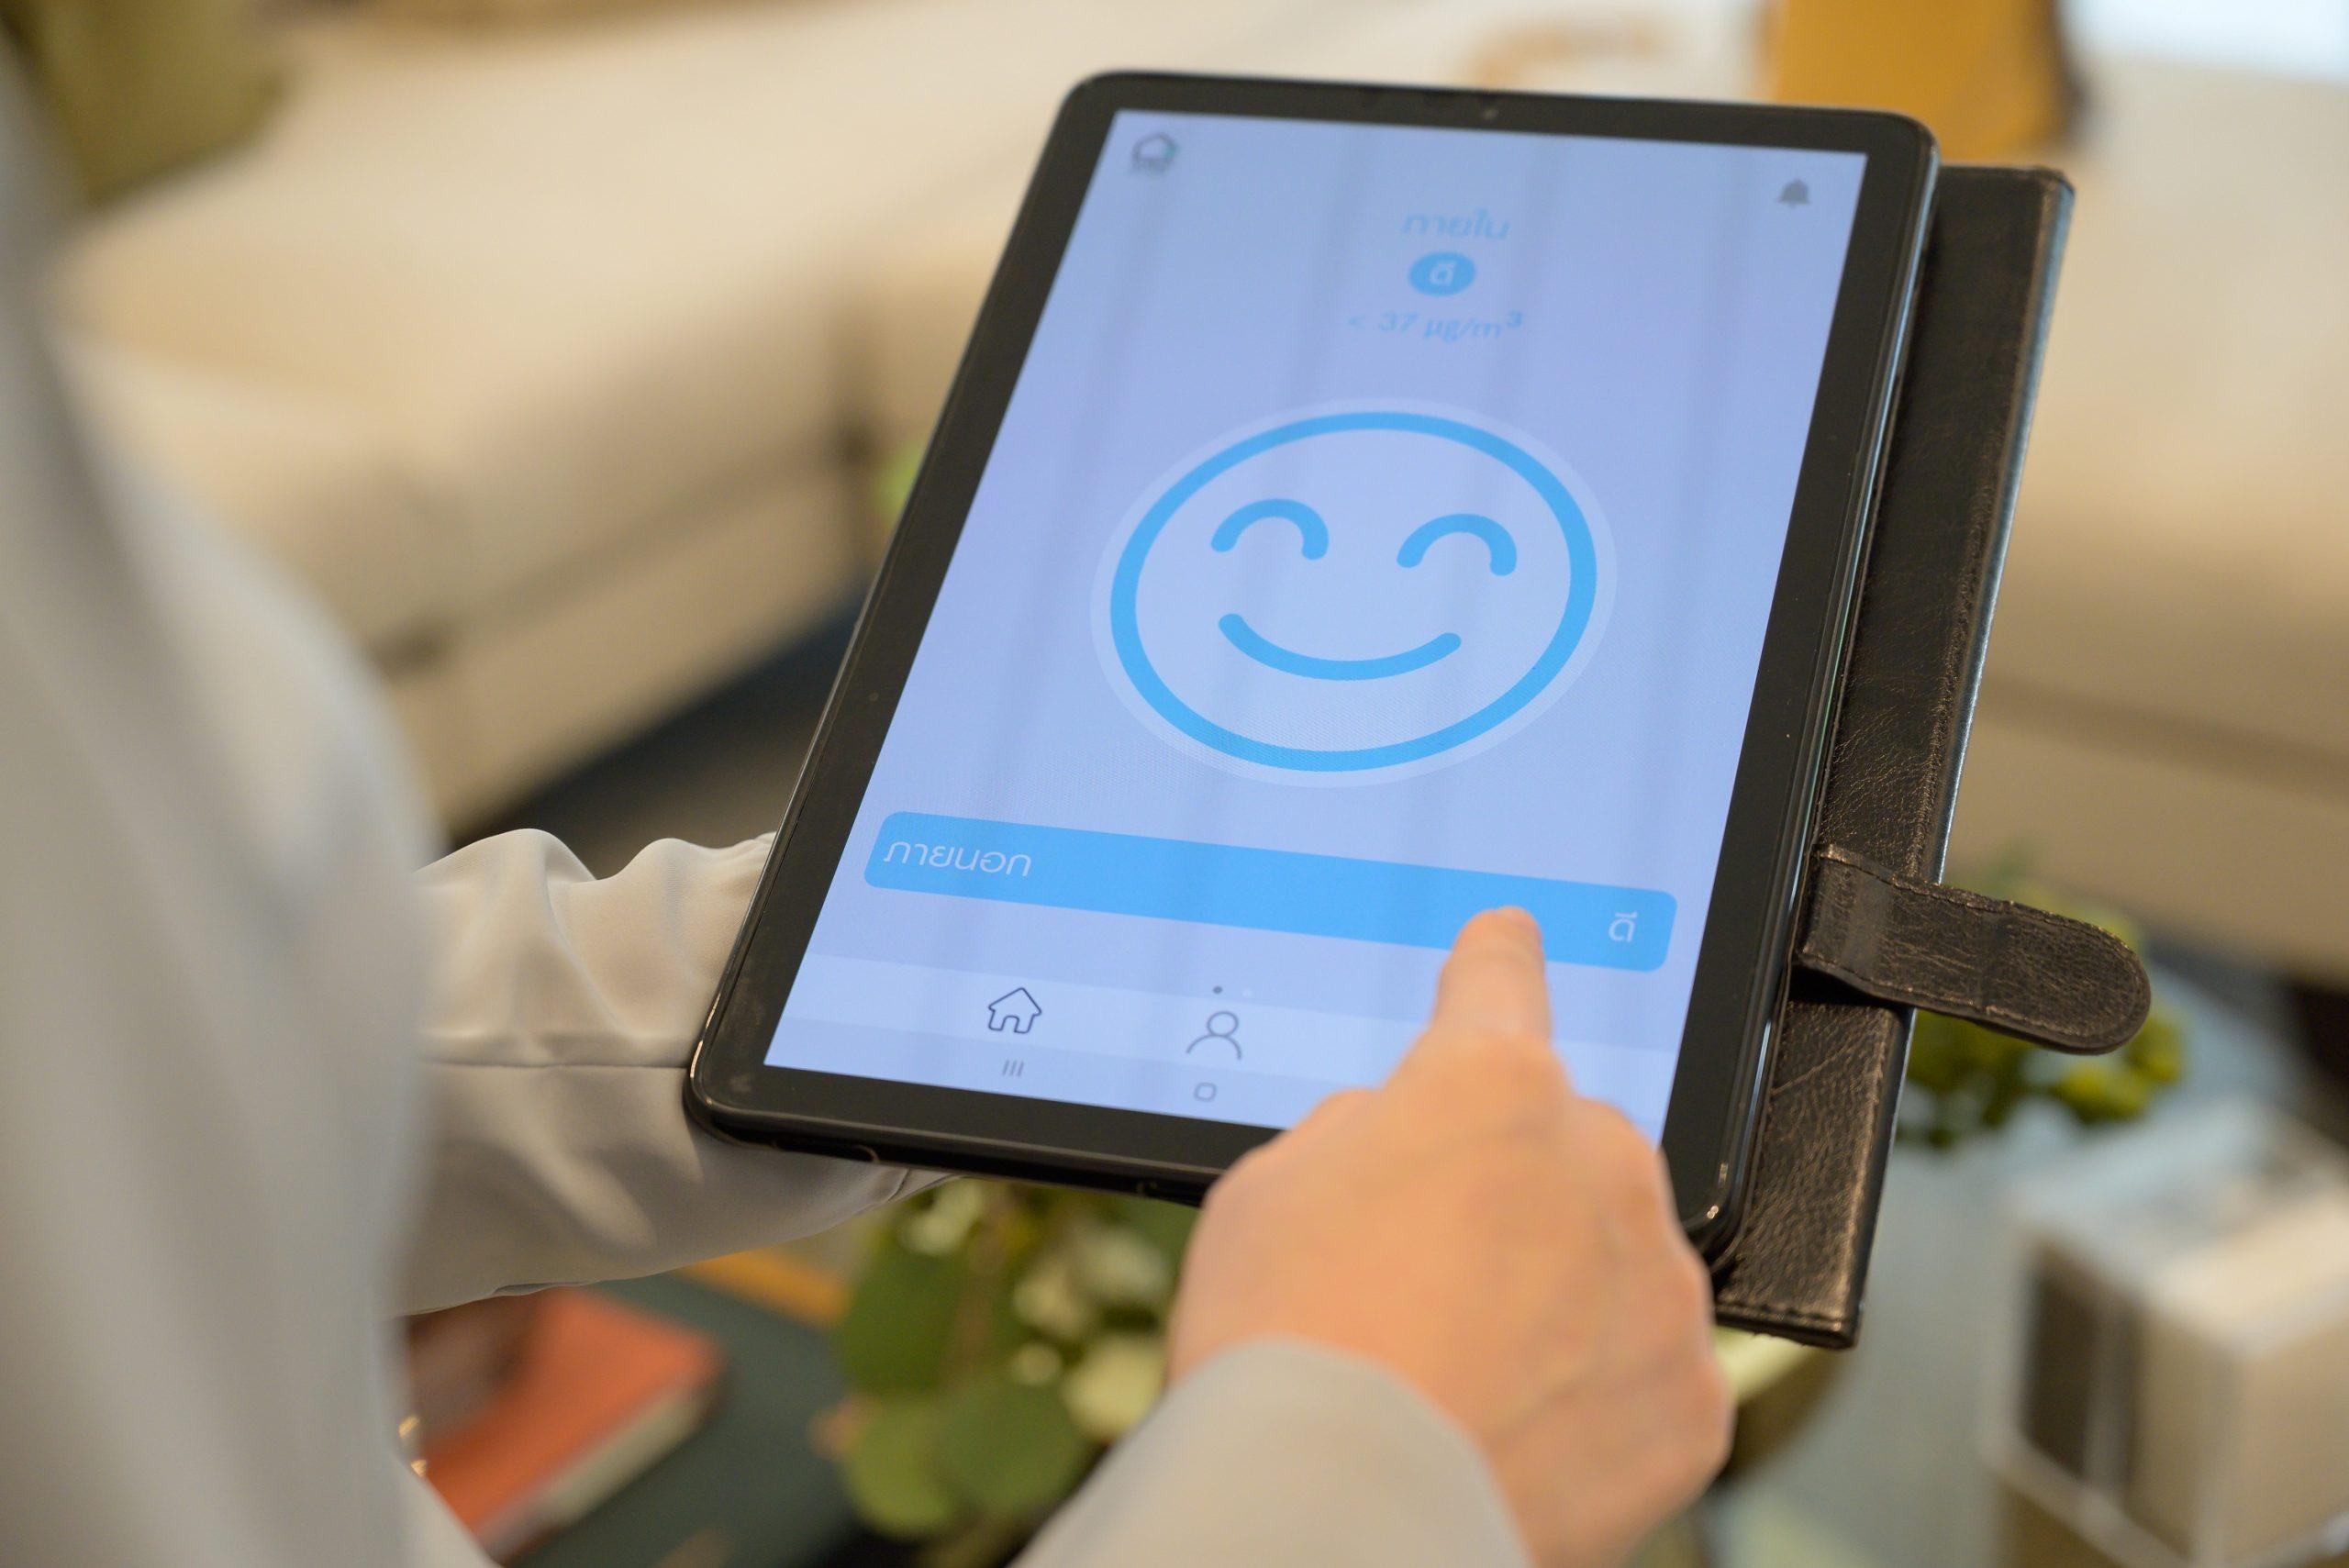 แลนด์ แอนด์ เฮ้าส์ แนะนำนวัตกรรมใหม่ล่าสุด AirPlus? (แอร์พลัสสแควร์)